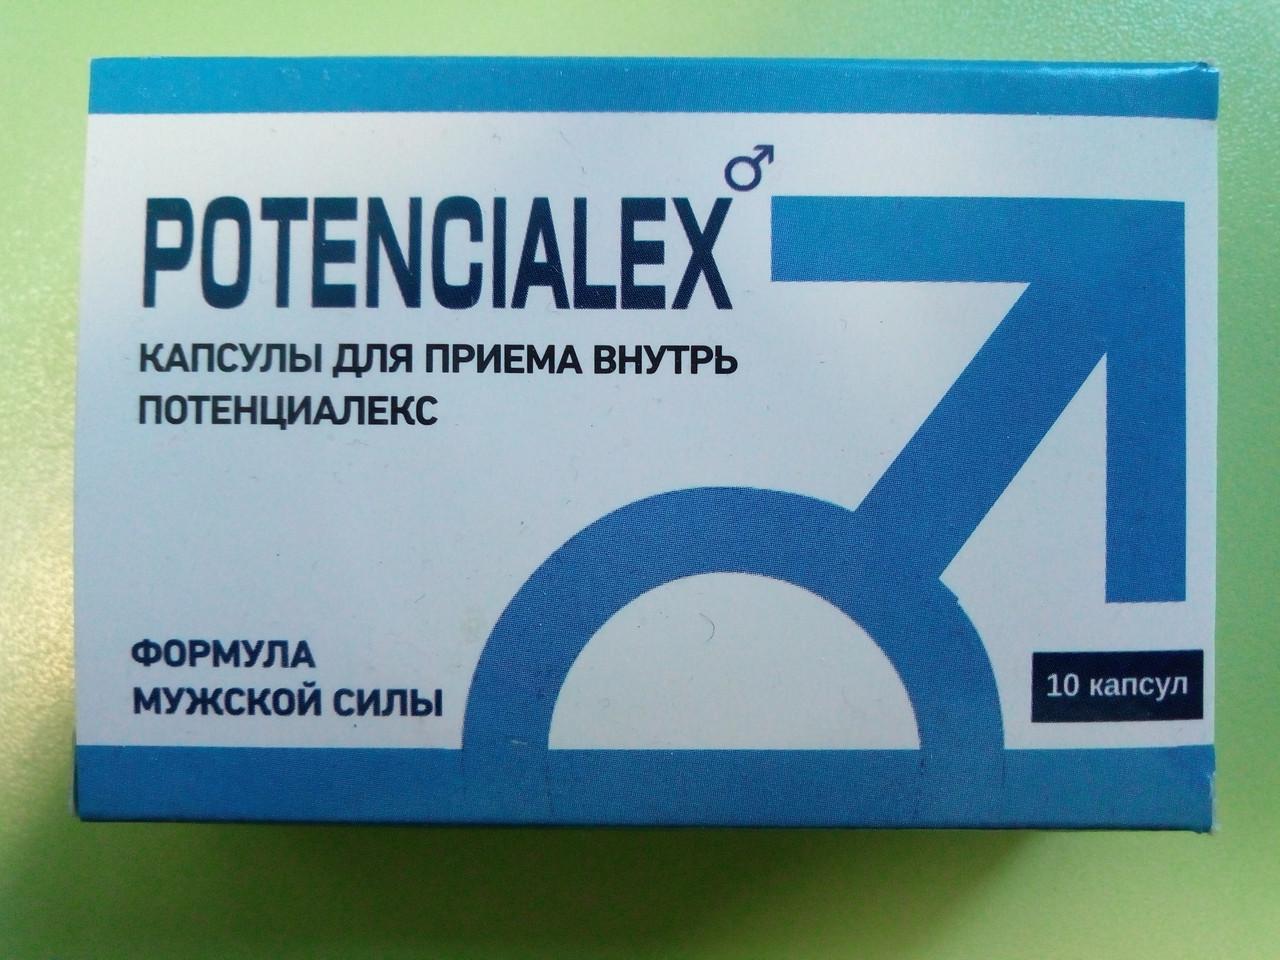 POTENCIALEX для повышения потенции в Иваново